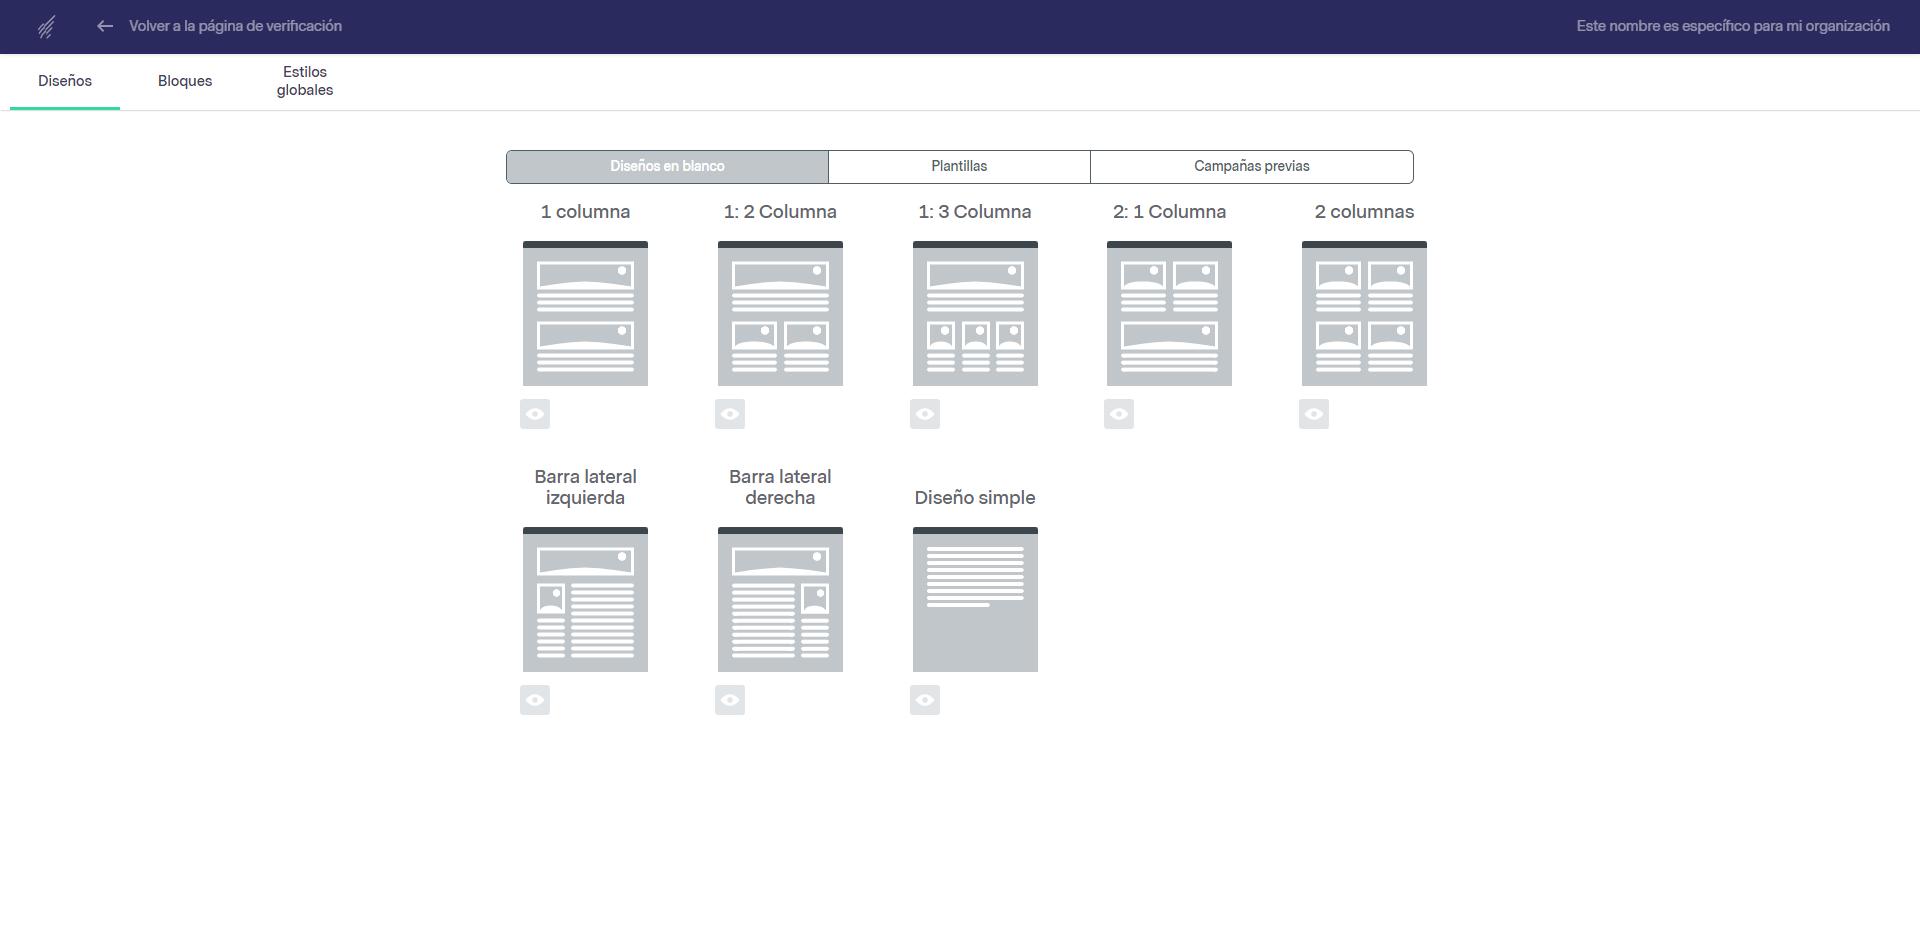 ¿Cómo hacer una newsletter con Benchmark? - DISEÑO